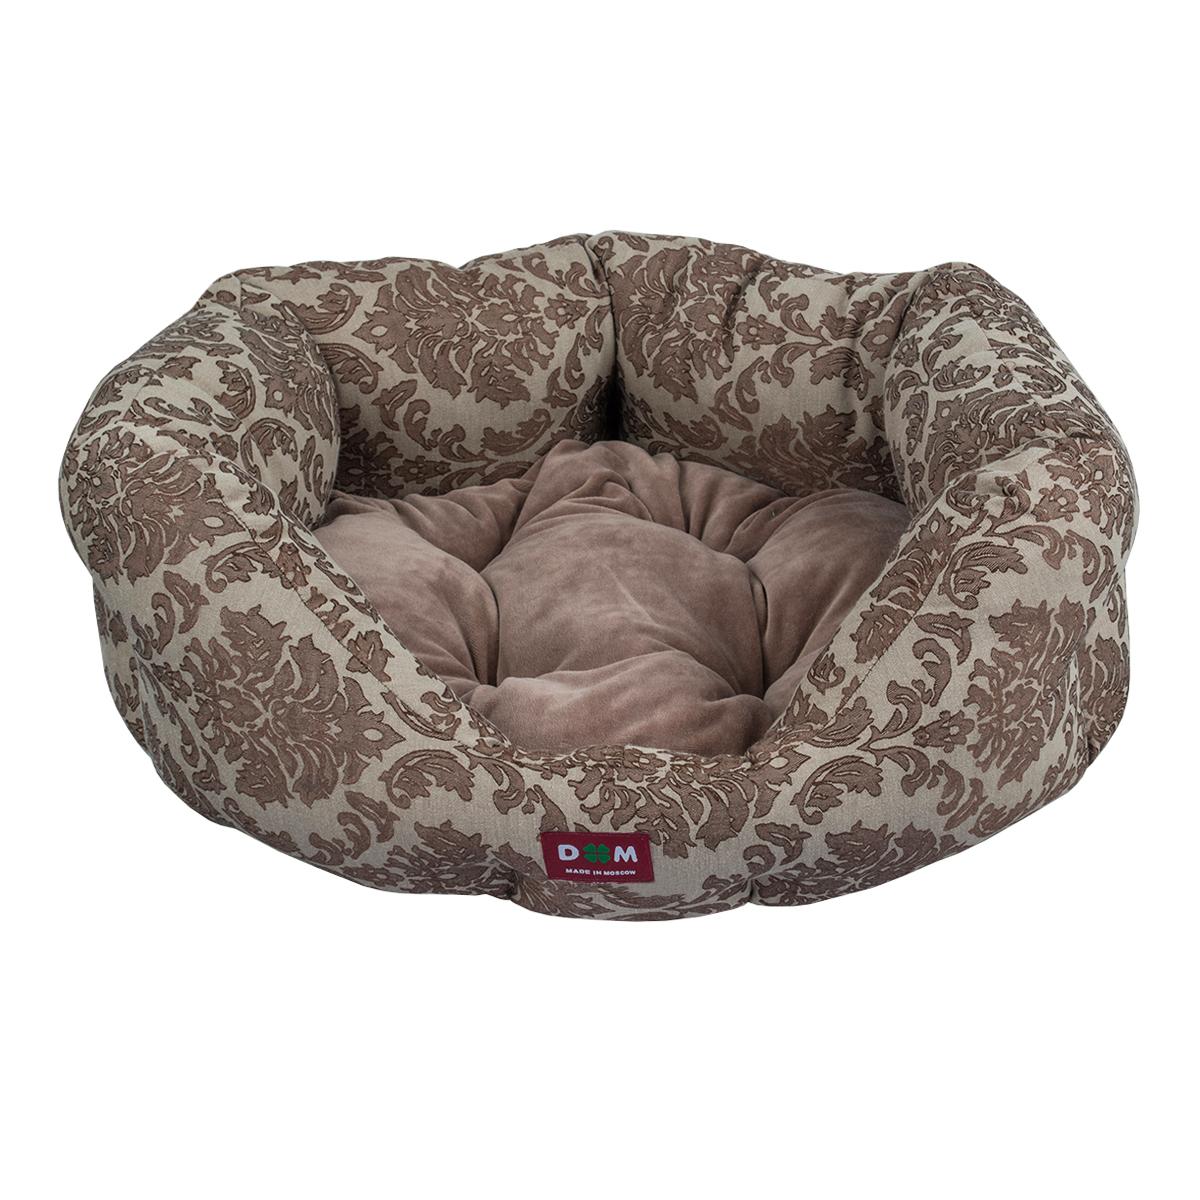 Лежак для животных Dogmoda Ампир, цвет: коричневый, серый, 53 х 49 х 23 смDM-160267Лежак для животных Dogmoda Ампир прекрасно подойдет для отдыха вашего домашнего питомца. Лежак предназначен для кошек, а так же собак мелких пород. Изделие выполнено из прочной ткани. Снабжено высокими широкими бортиками и съемной мягкой подушкой. Комфортный и уютный лежак обязательно понравится вашему питомцу, животное сможет там отдохнуть и выспаться. Размер лежака: 53 х 49 х 23 см. Состав: жаккард, велюр. Наполнитель: холлофайбер.